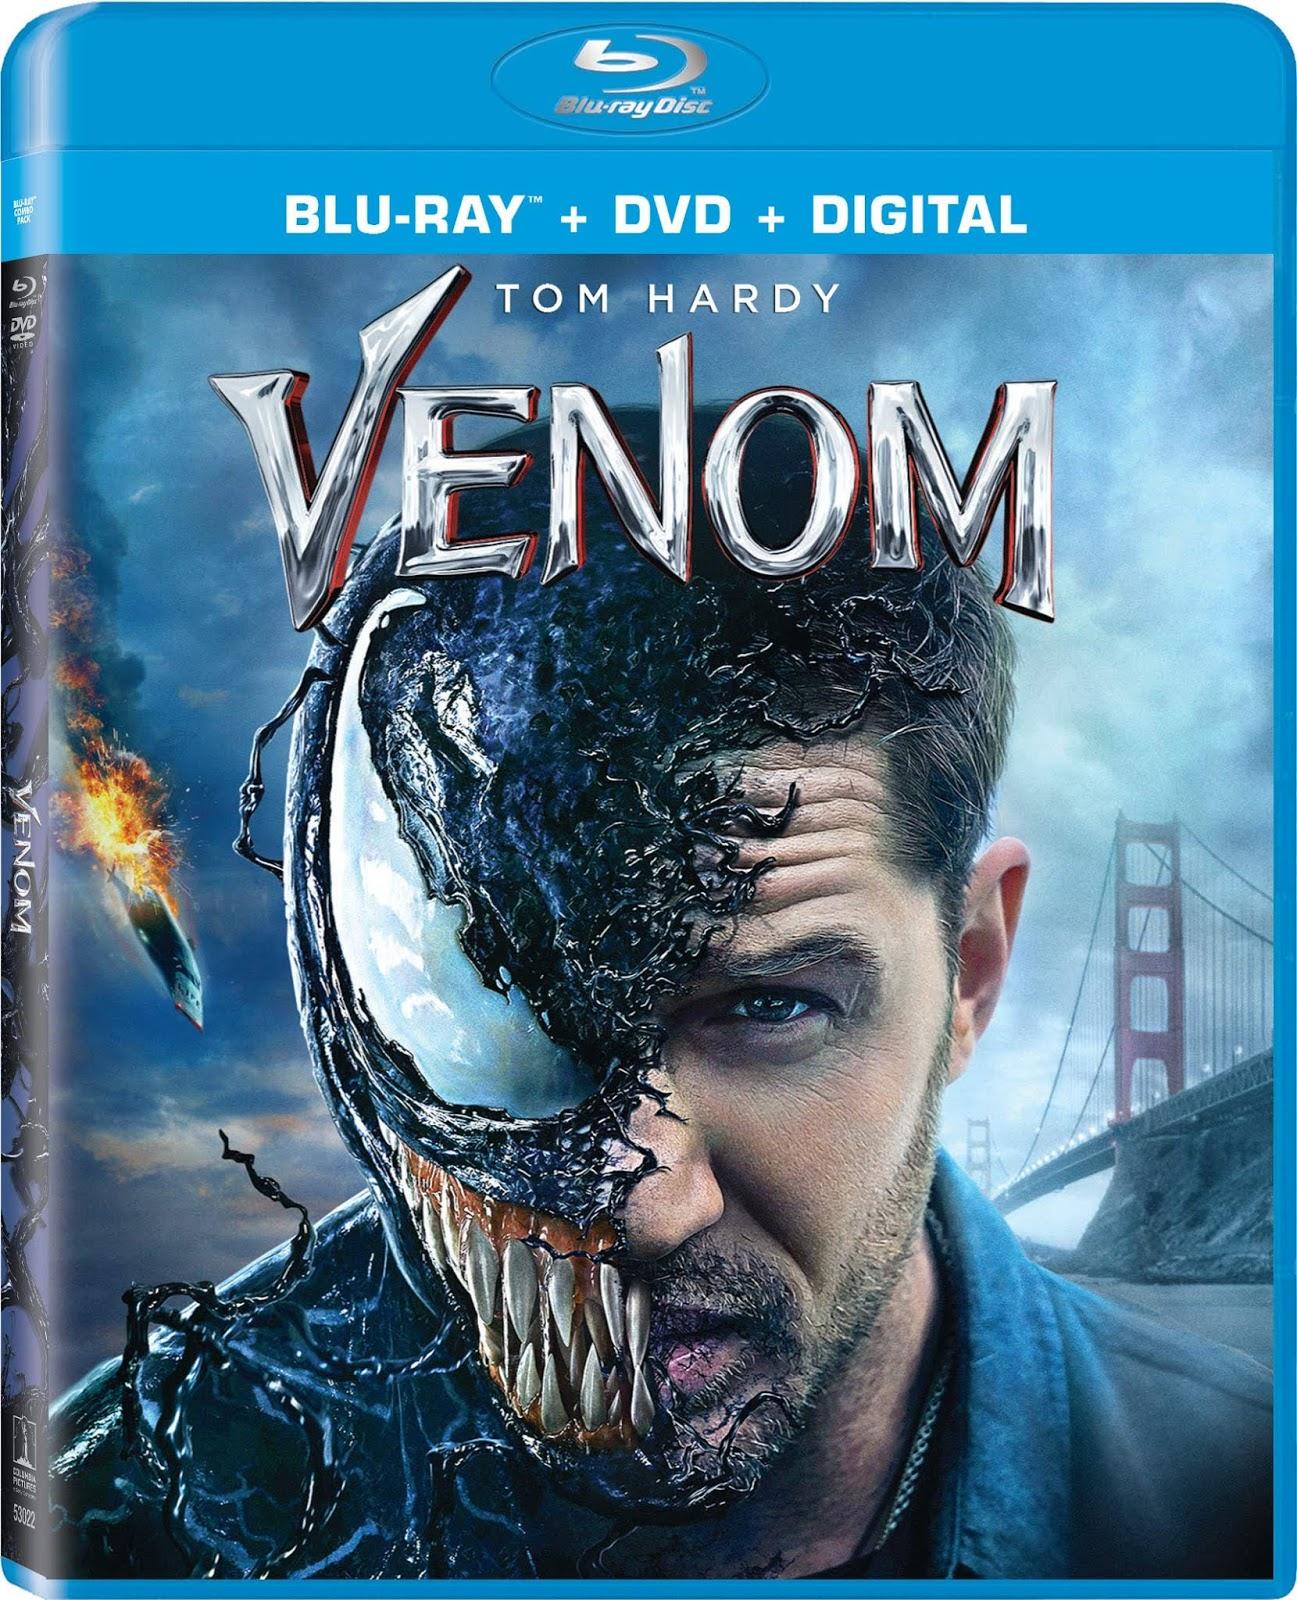 Venom Web Rip Related Keywords & Suggestions - Venom Web Rip